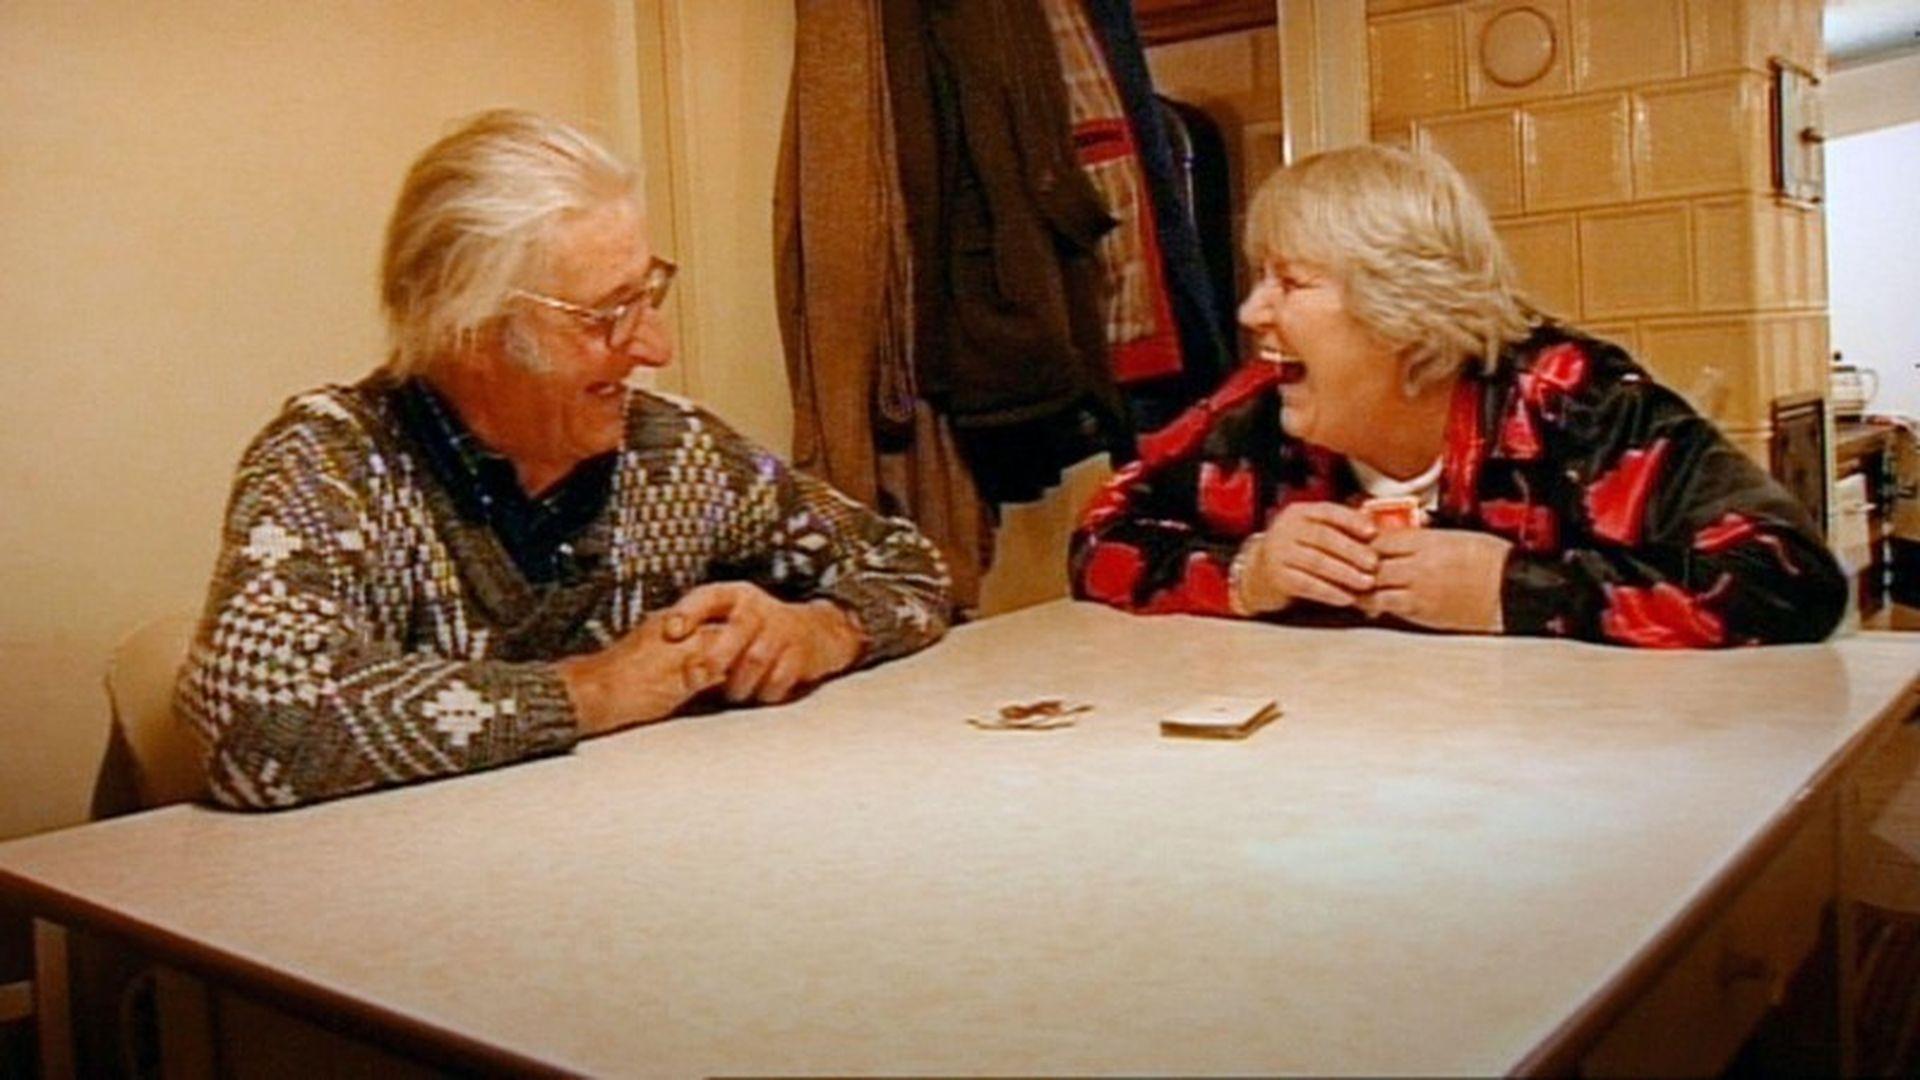 Mama spielt Strip Poker mit Sohn